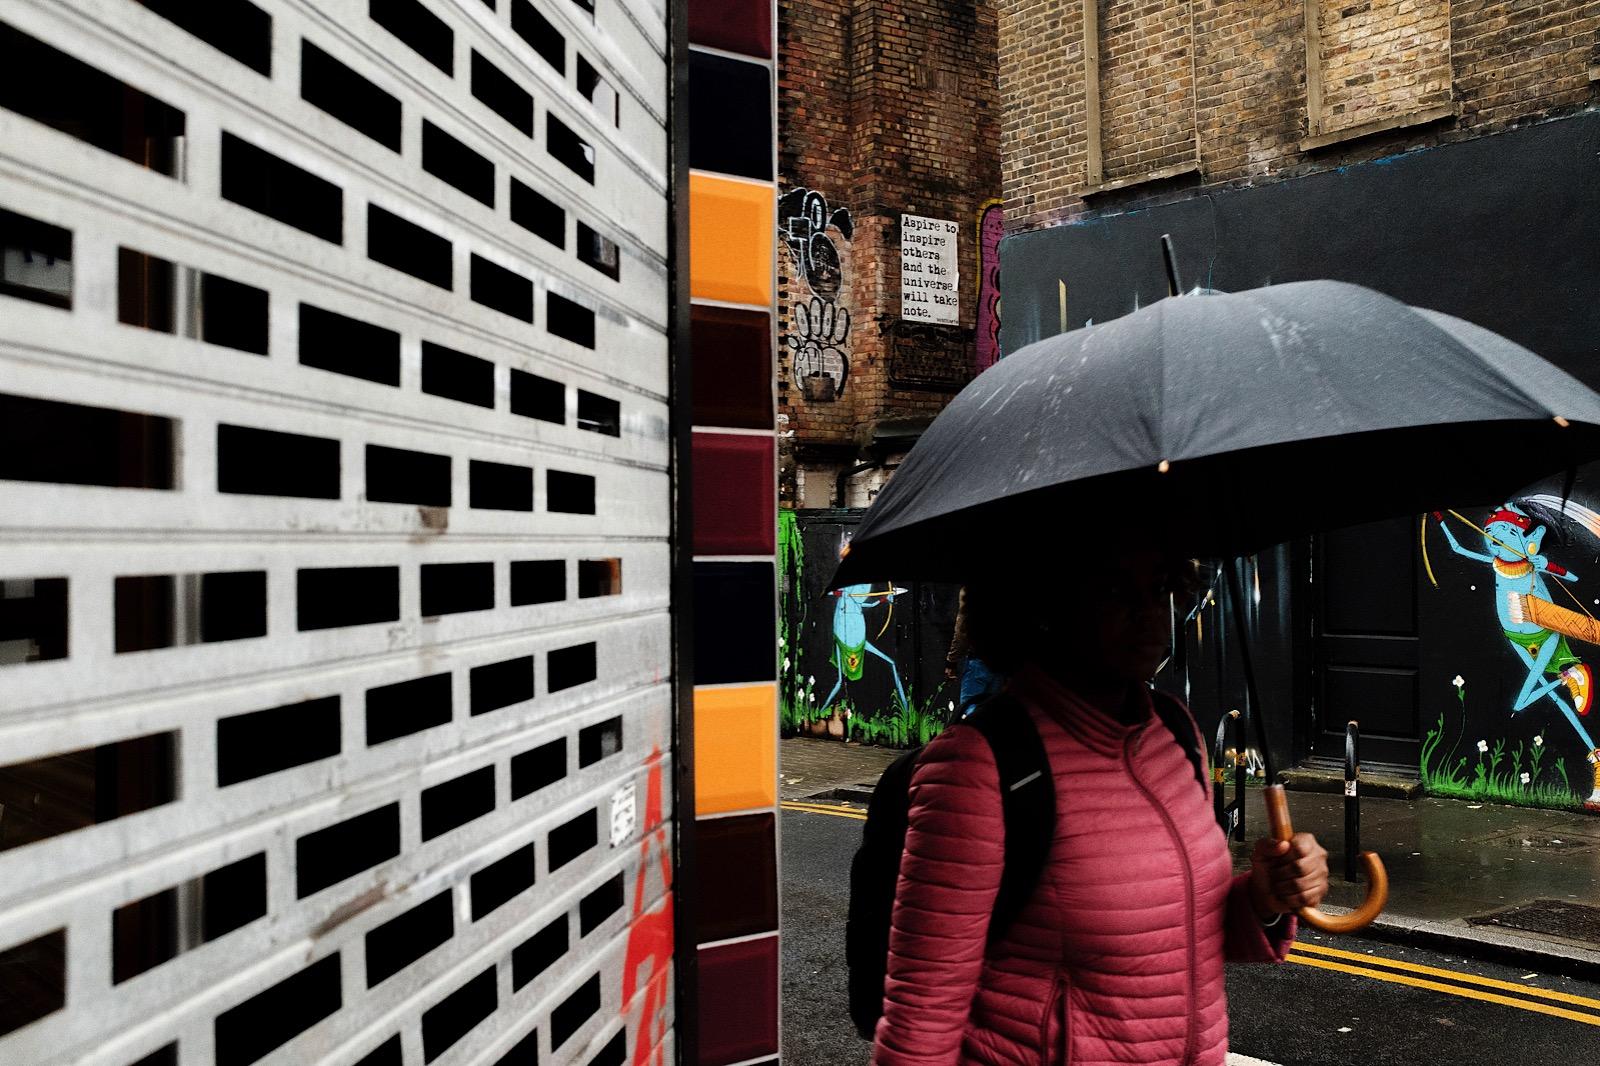 Woman walking in rain in London